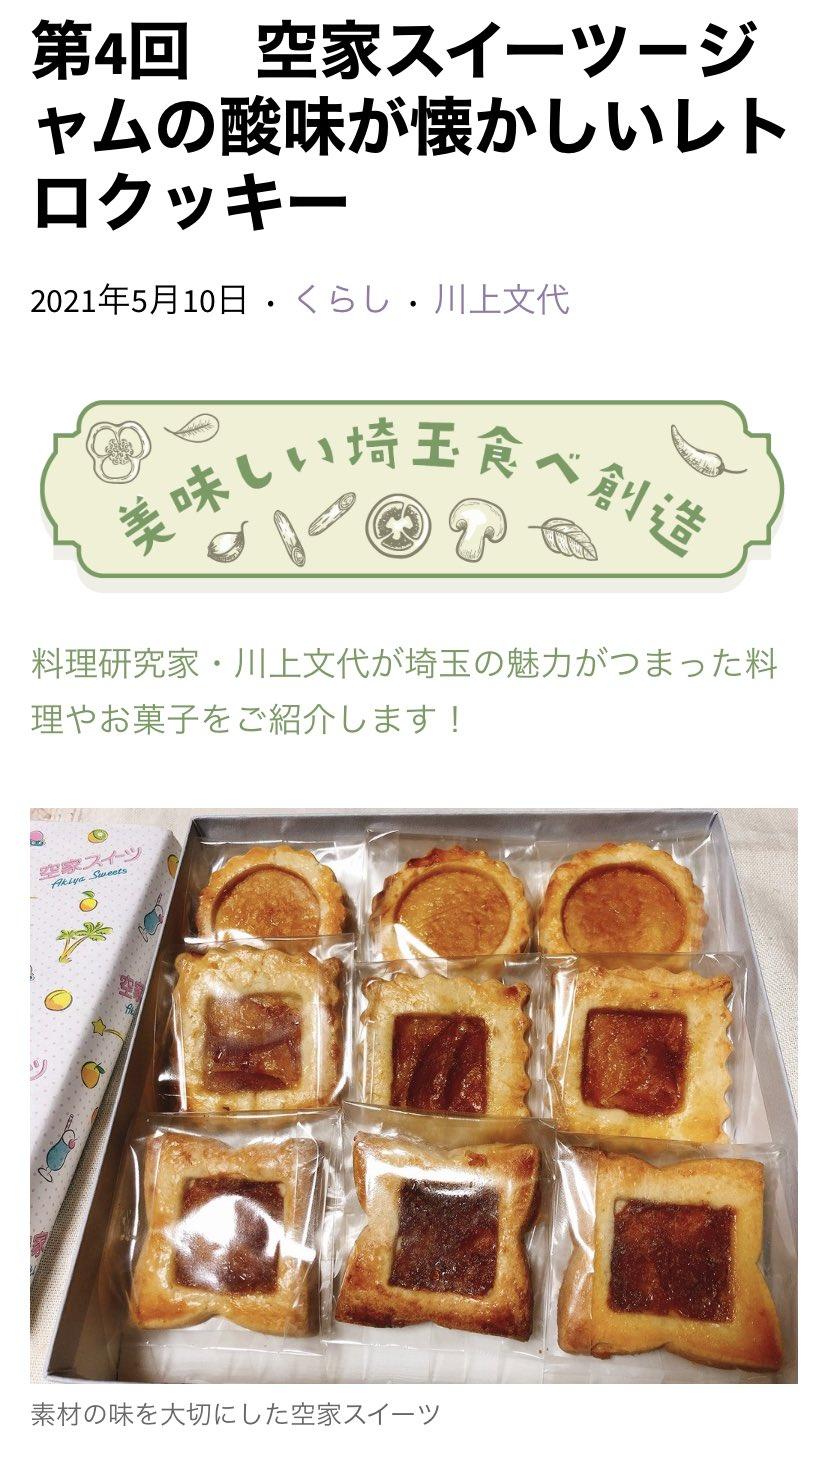 料理研究家の川上文代先生が、埼玉トカイナカの「ESTジャーナル」に記事を書いてくださいました!